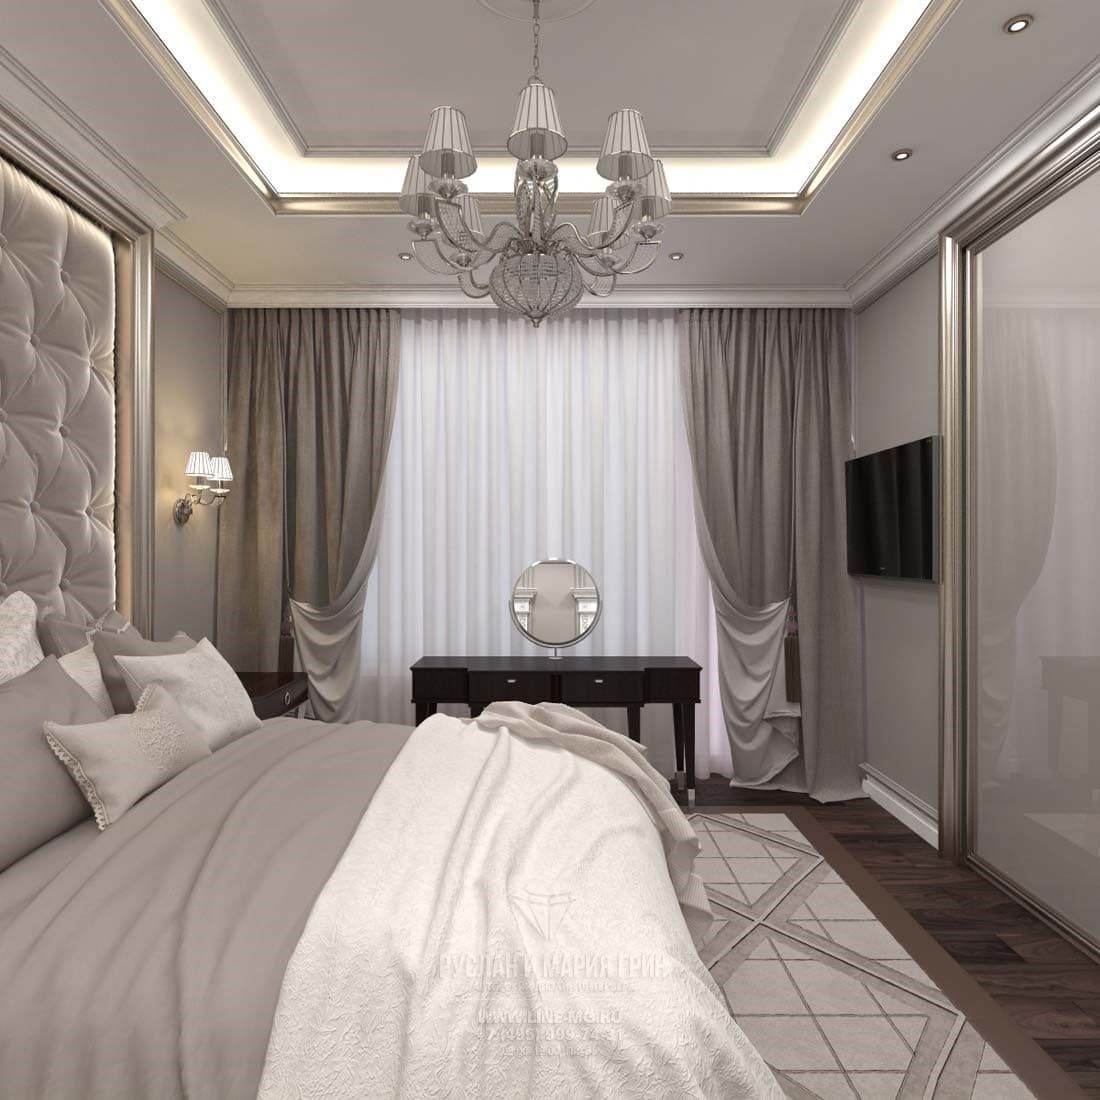 Современная спальня в трехкомнатной квартире 85 кв. метров